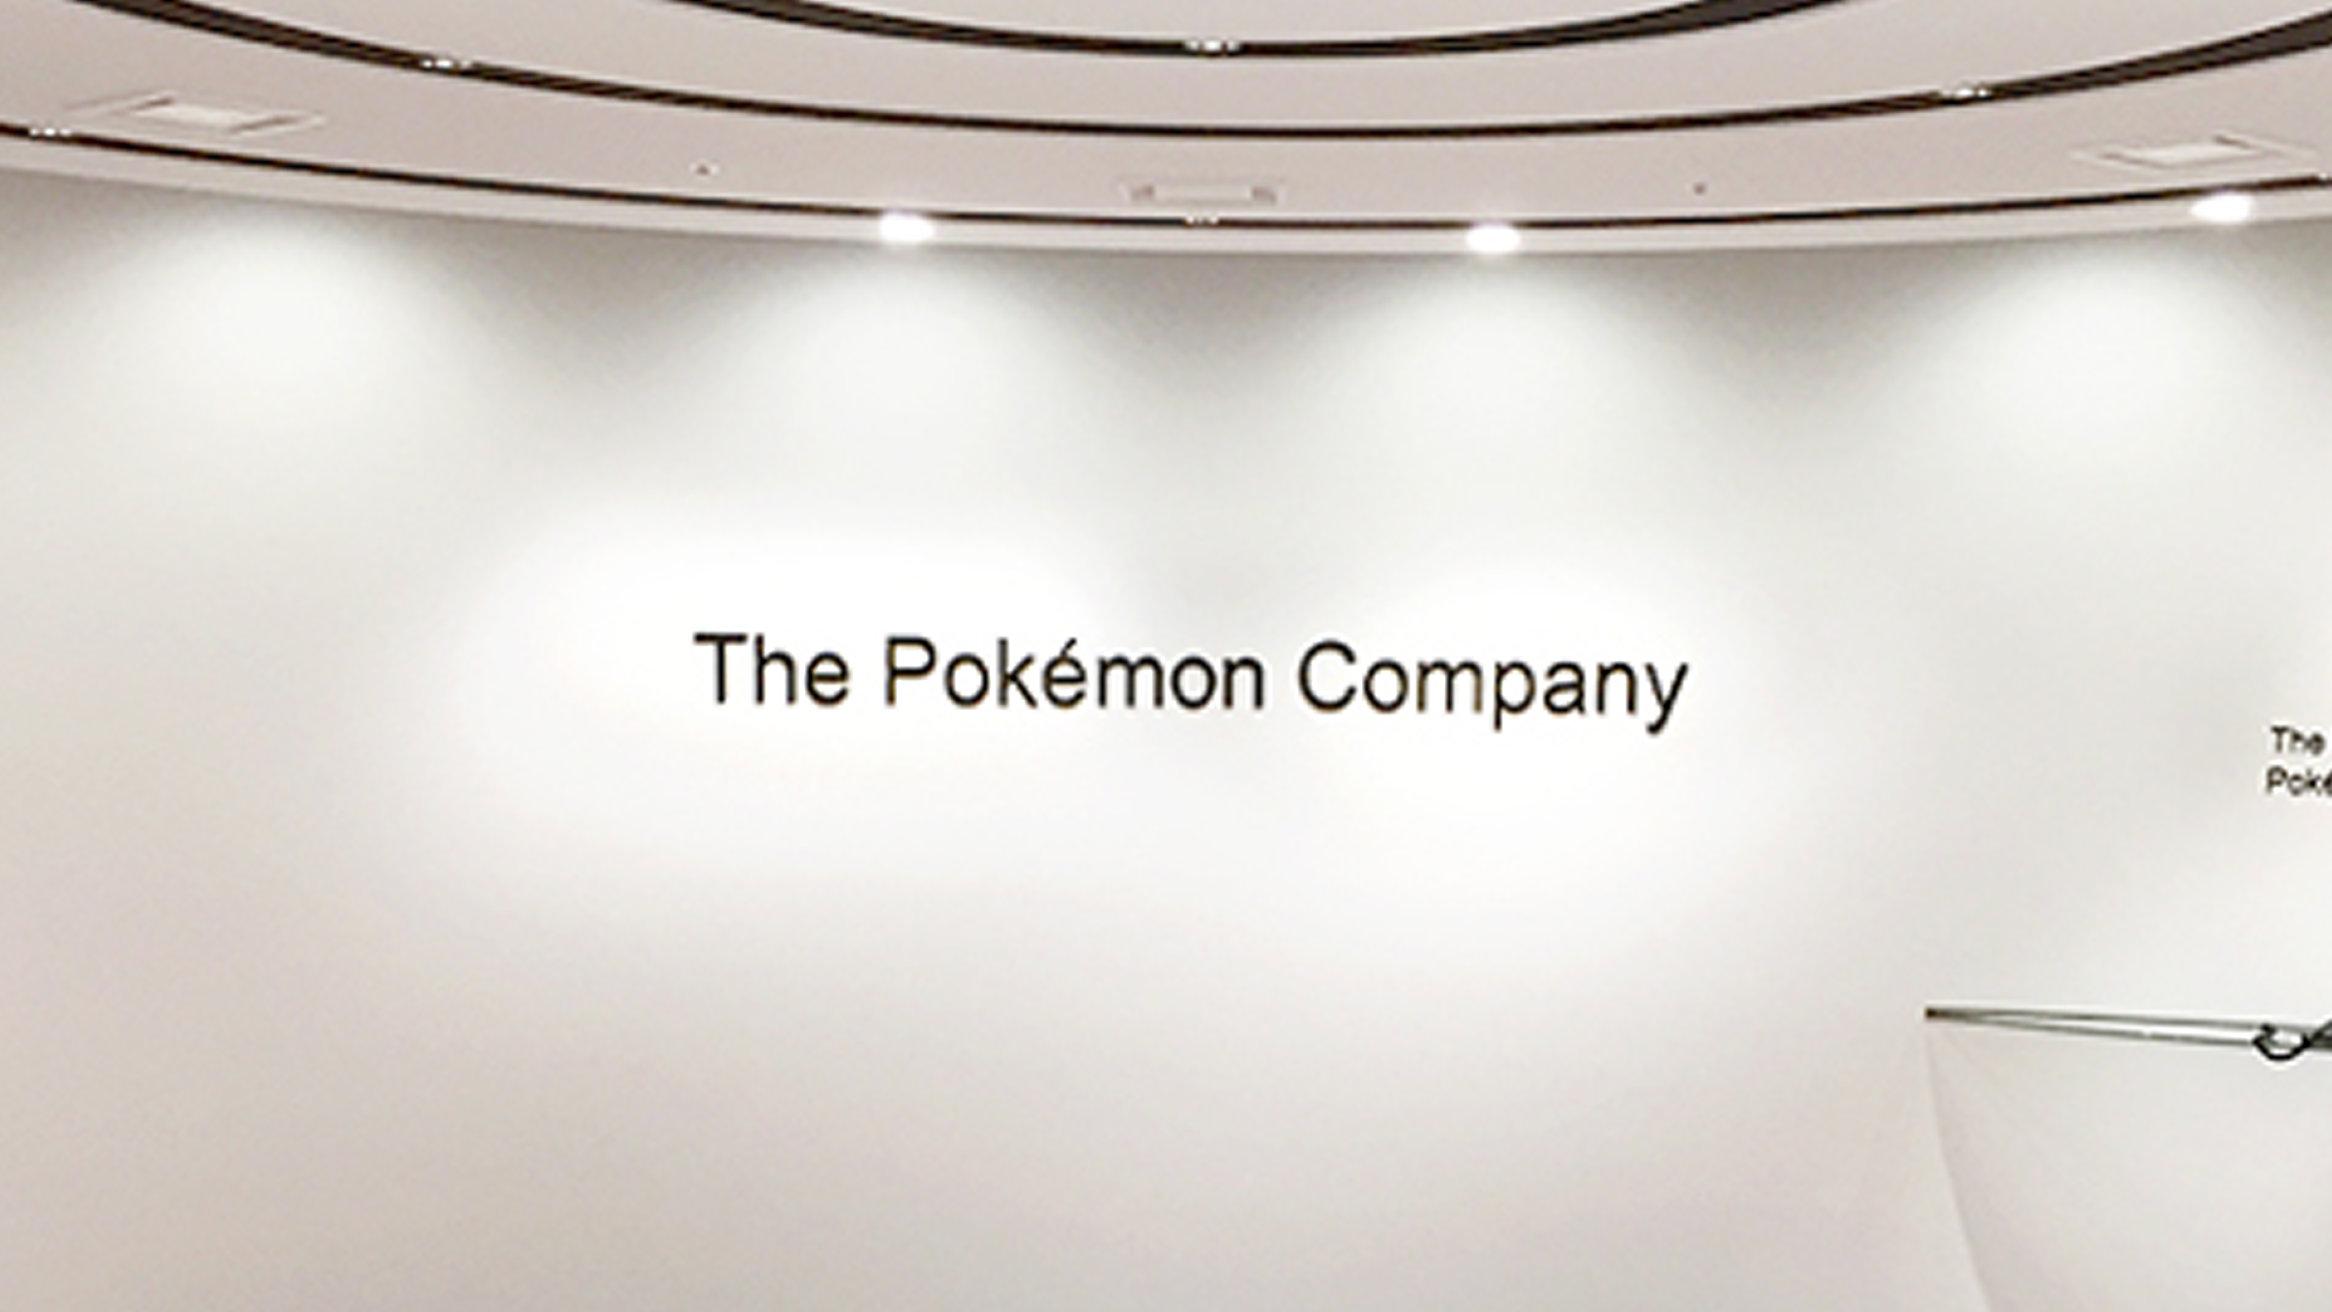 株式会社ポケモン、2019年2月期の決算で大きな利益